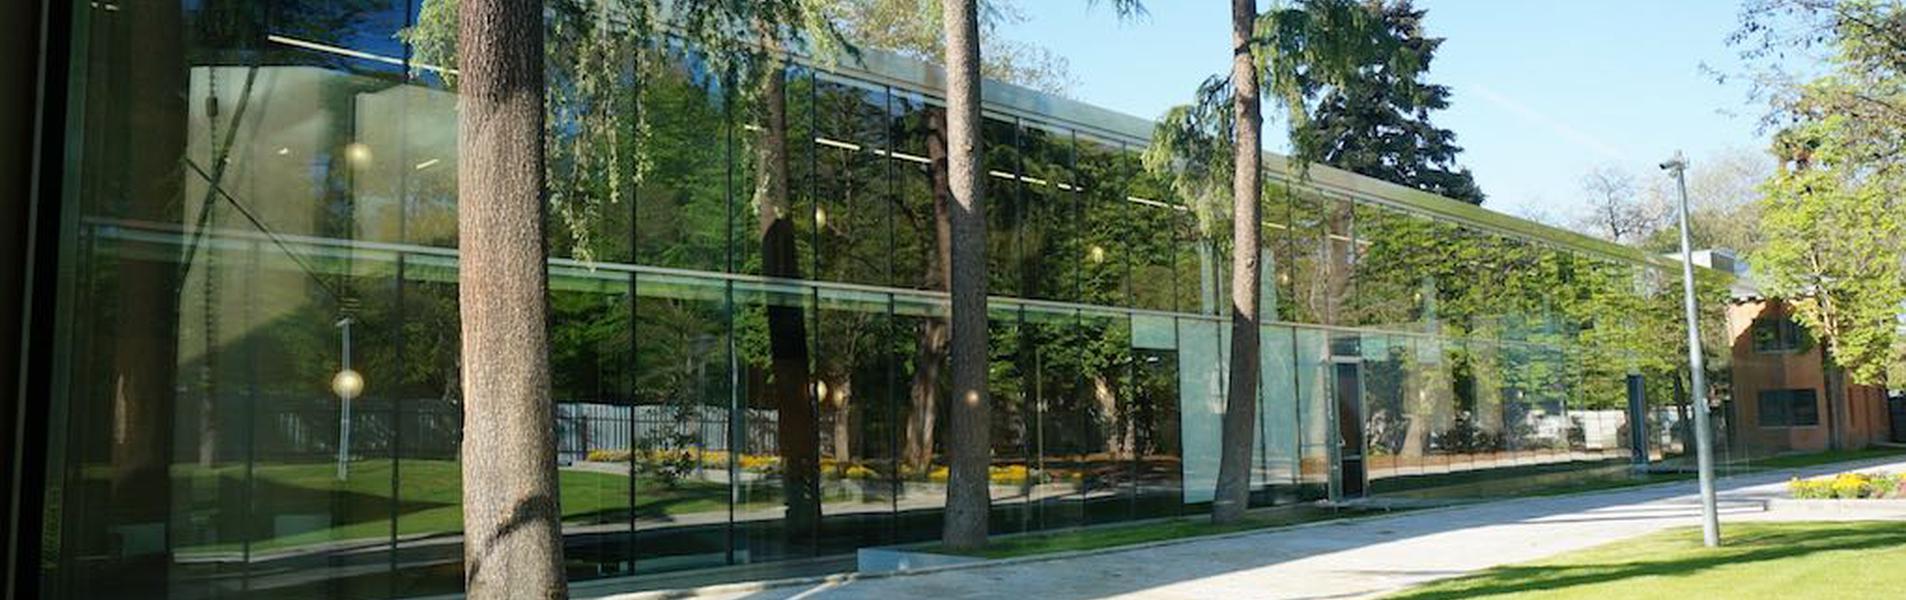 Biblioteca Pública Municipal Eugenio Trías Guía Repsol